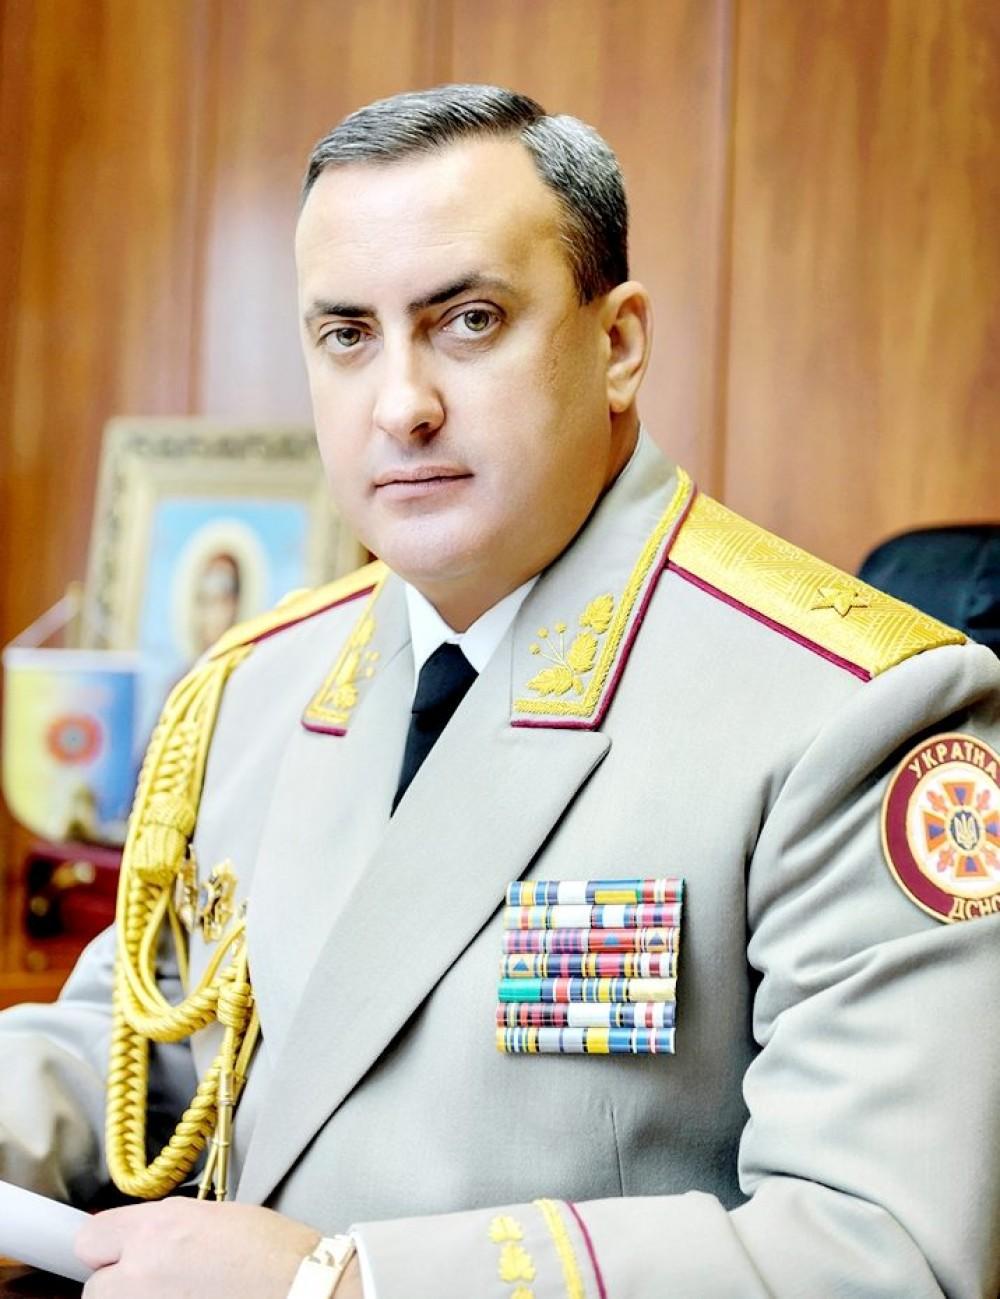 Бывшего главного пожарного Одесской области Виктора Федорчака отпустили под личное обязательство